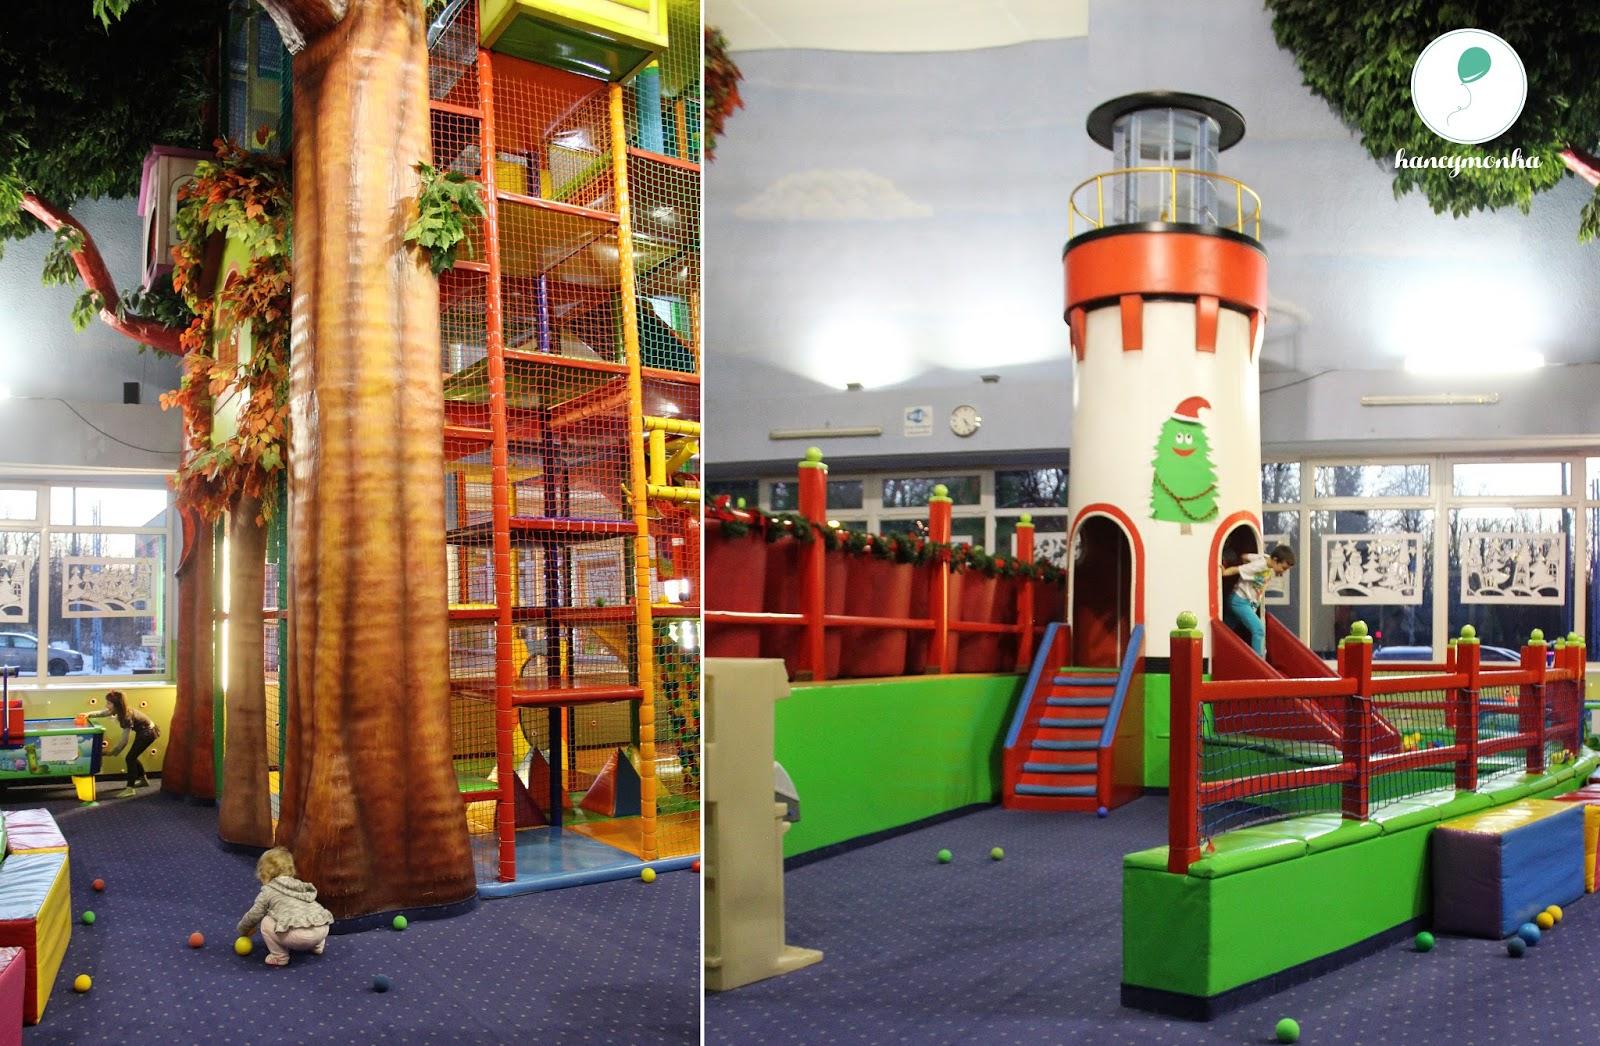 mobilny okdrywca, hancymonka, czas z dzieckiem, jak się bawić, sala zabaw, rodzinnie, rodzina